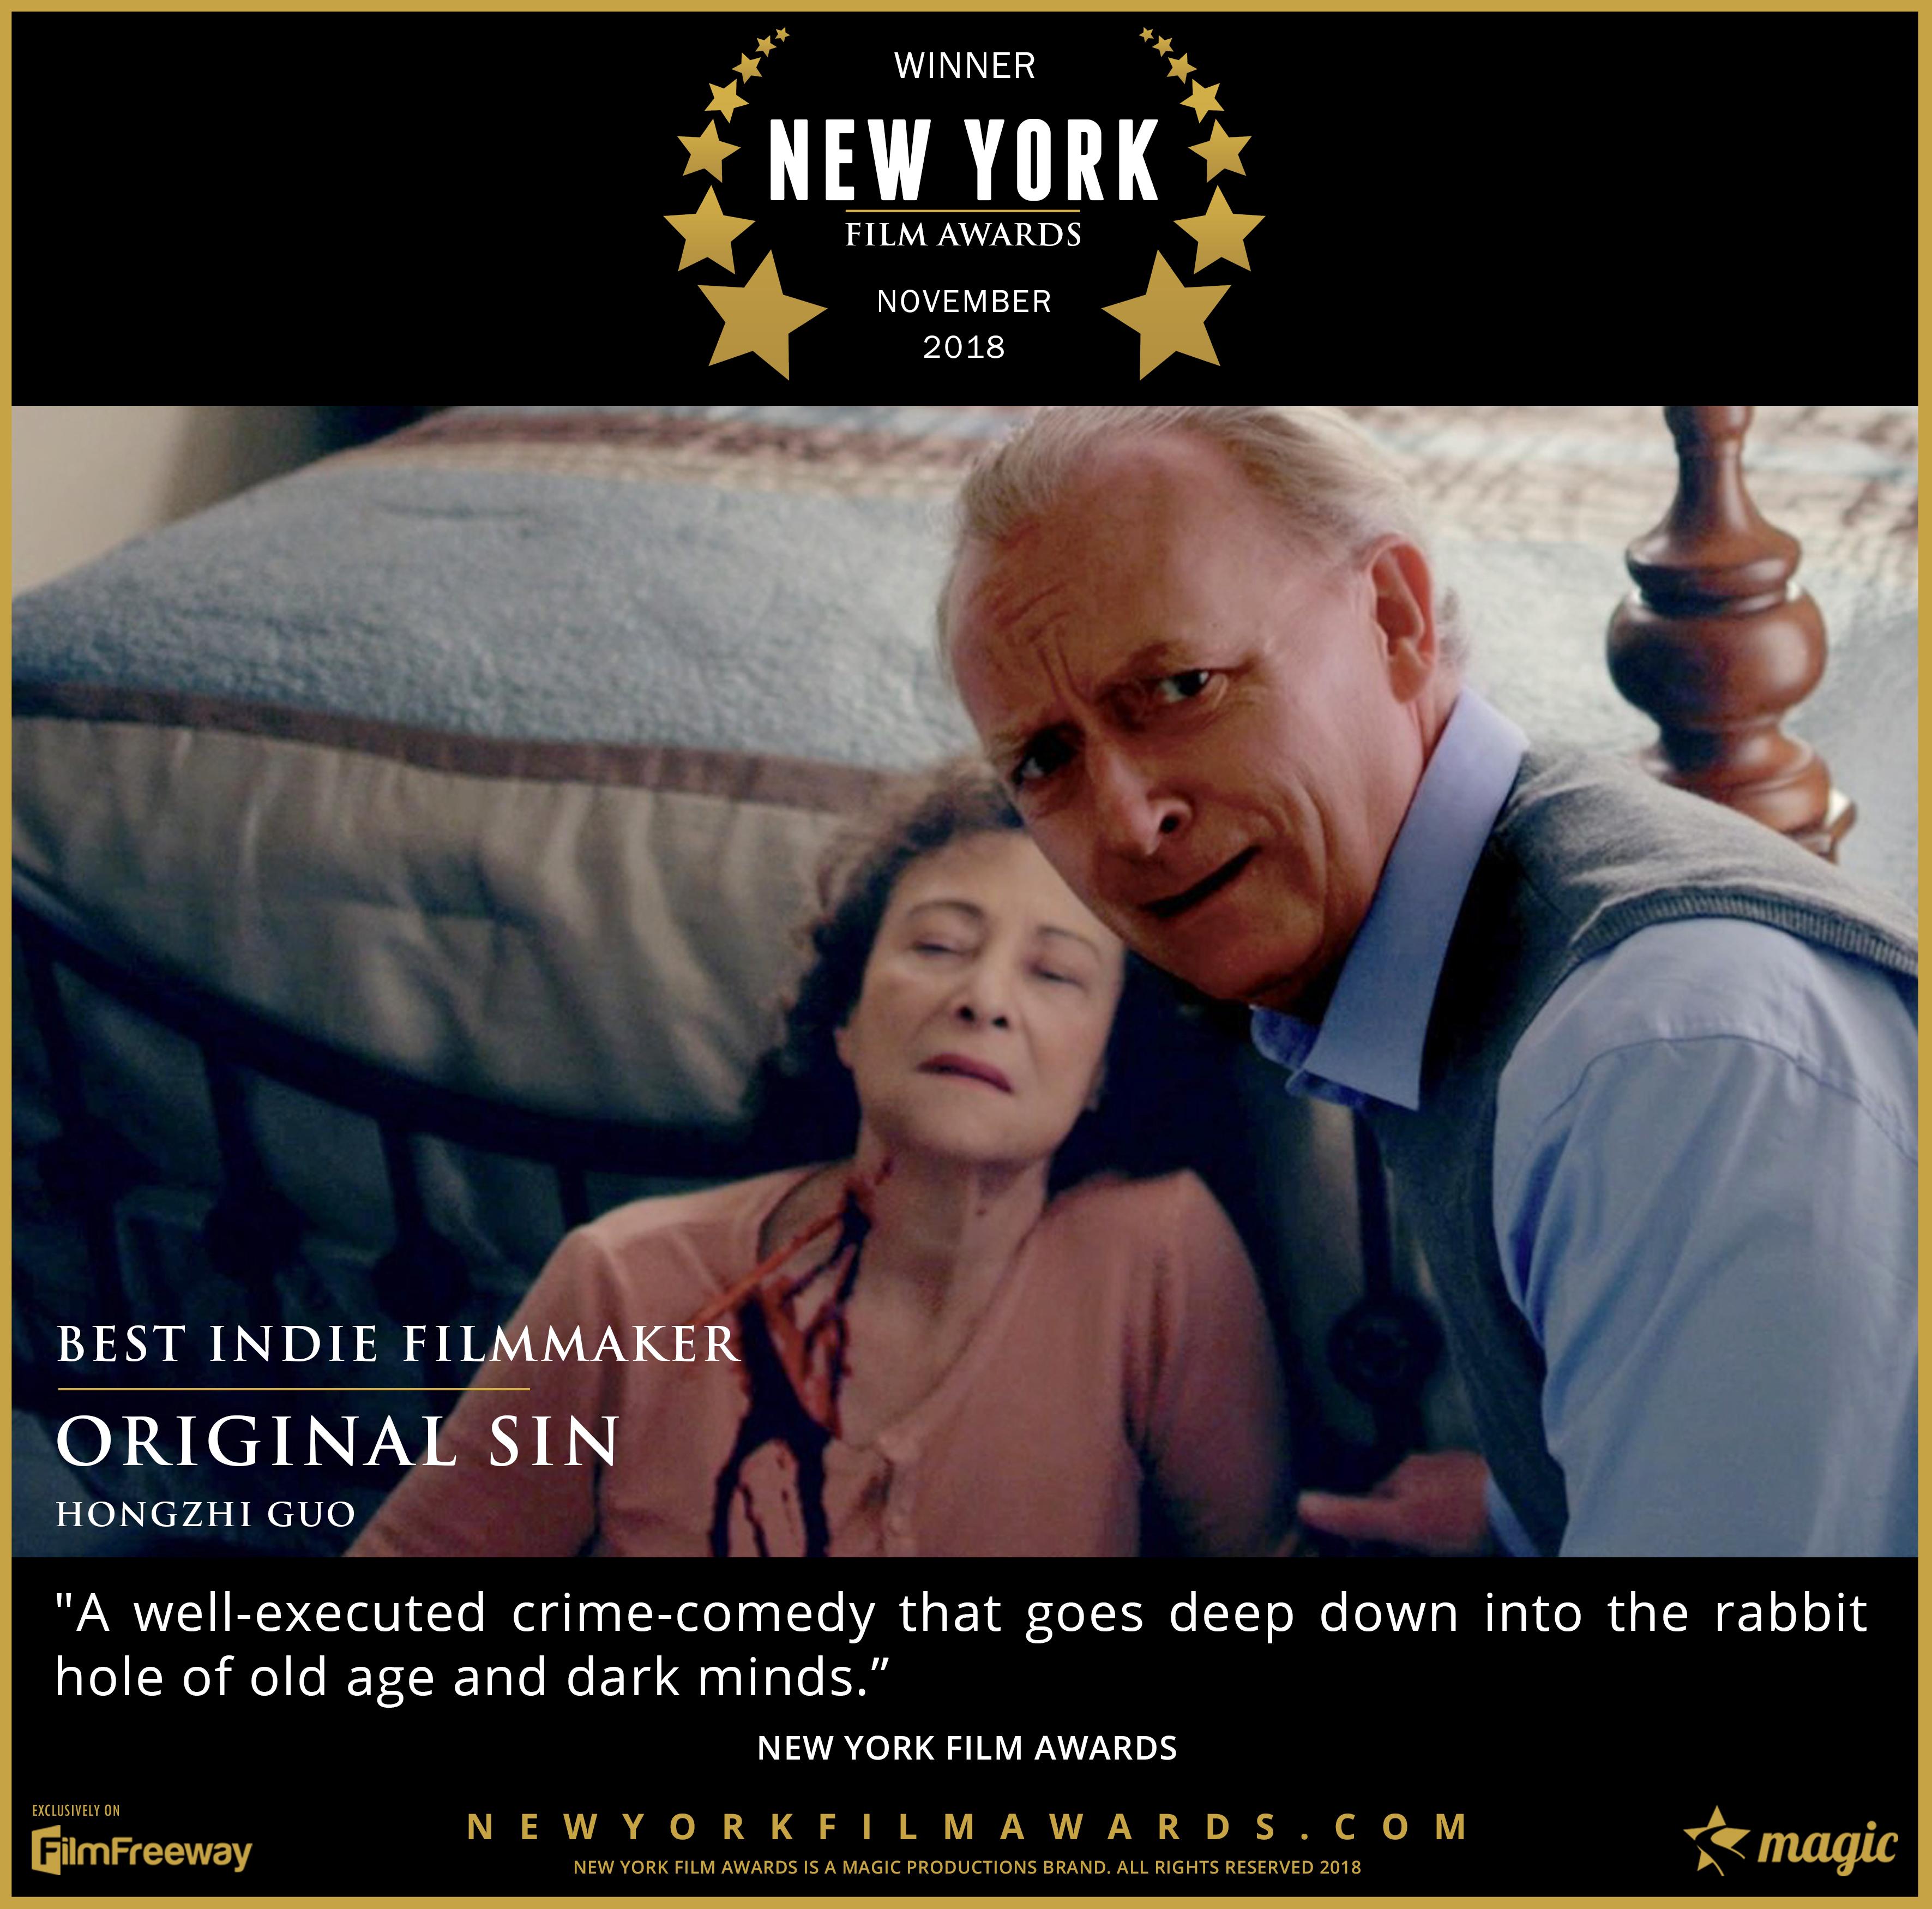 Original Sin - 2018 11 Best Indie Filmma